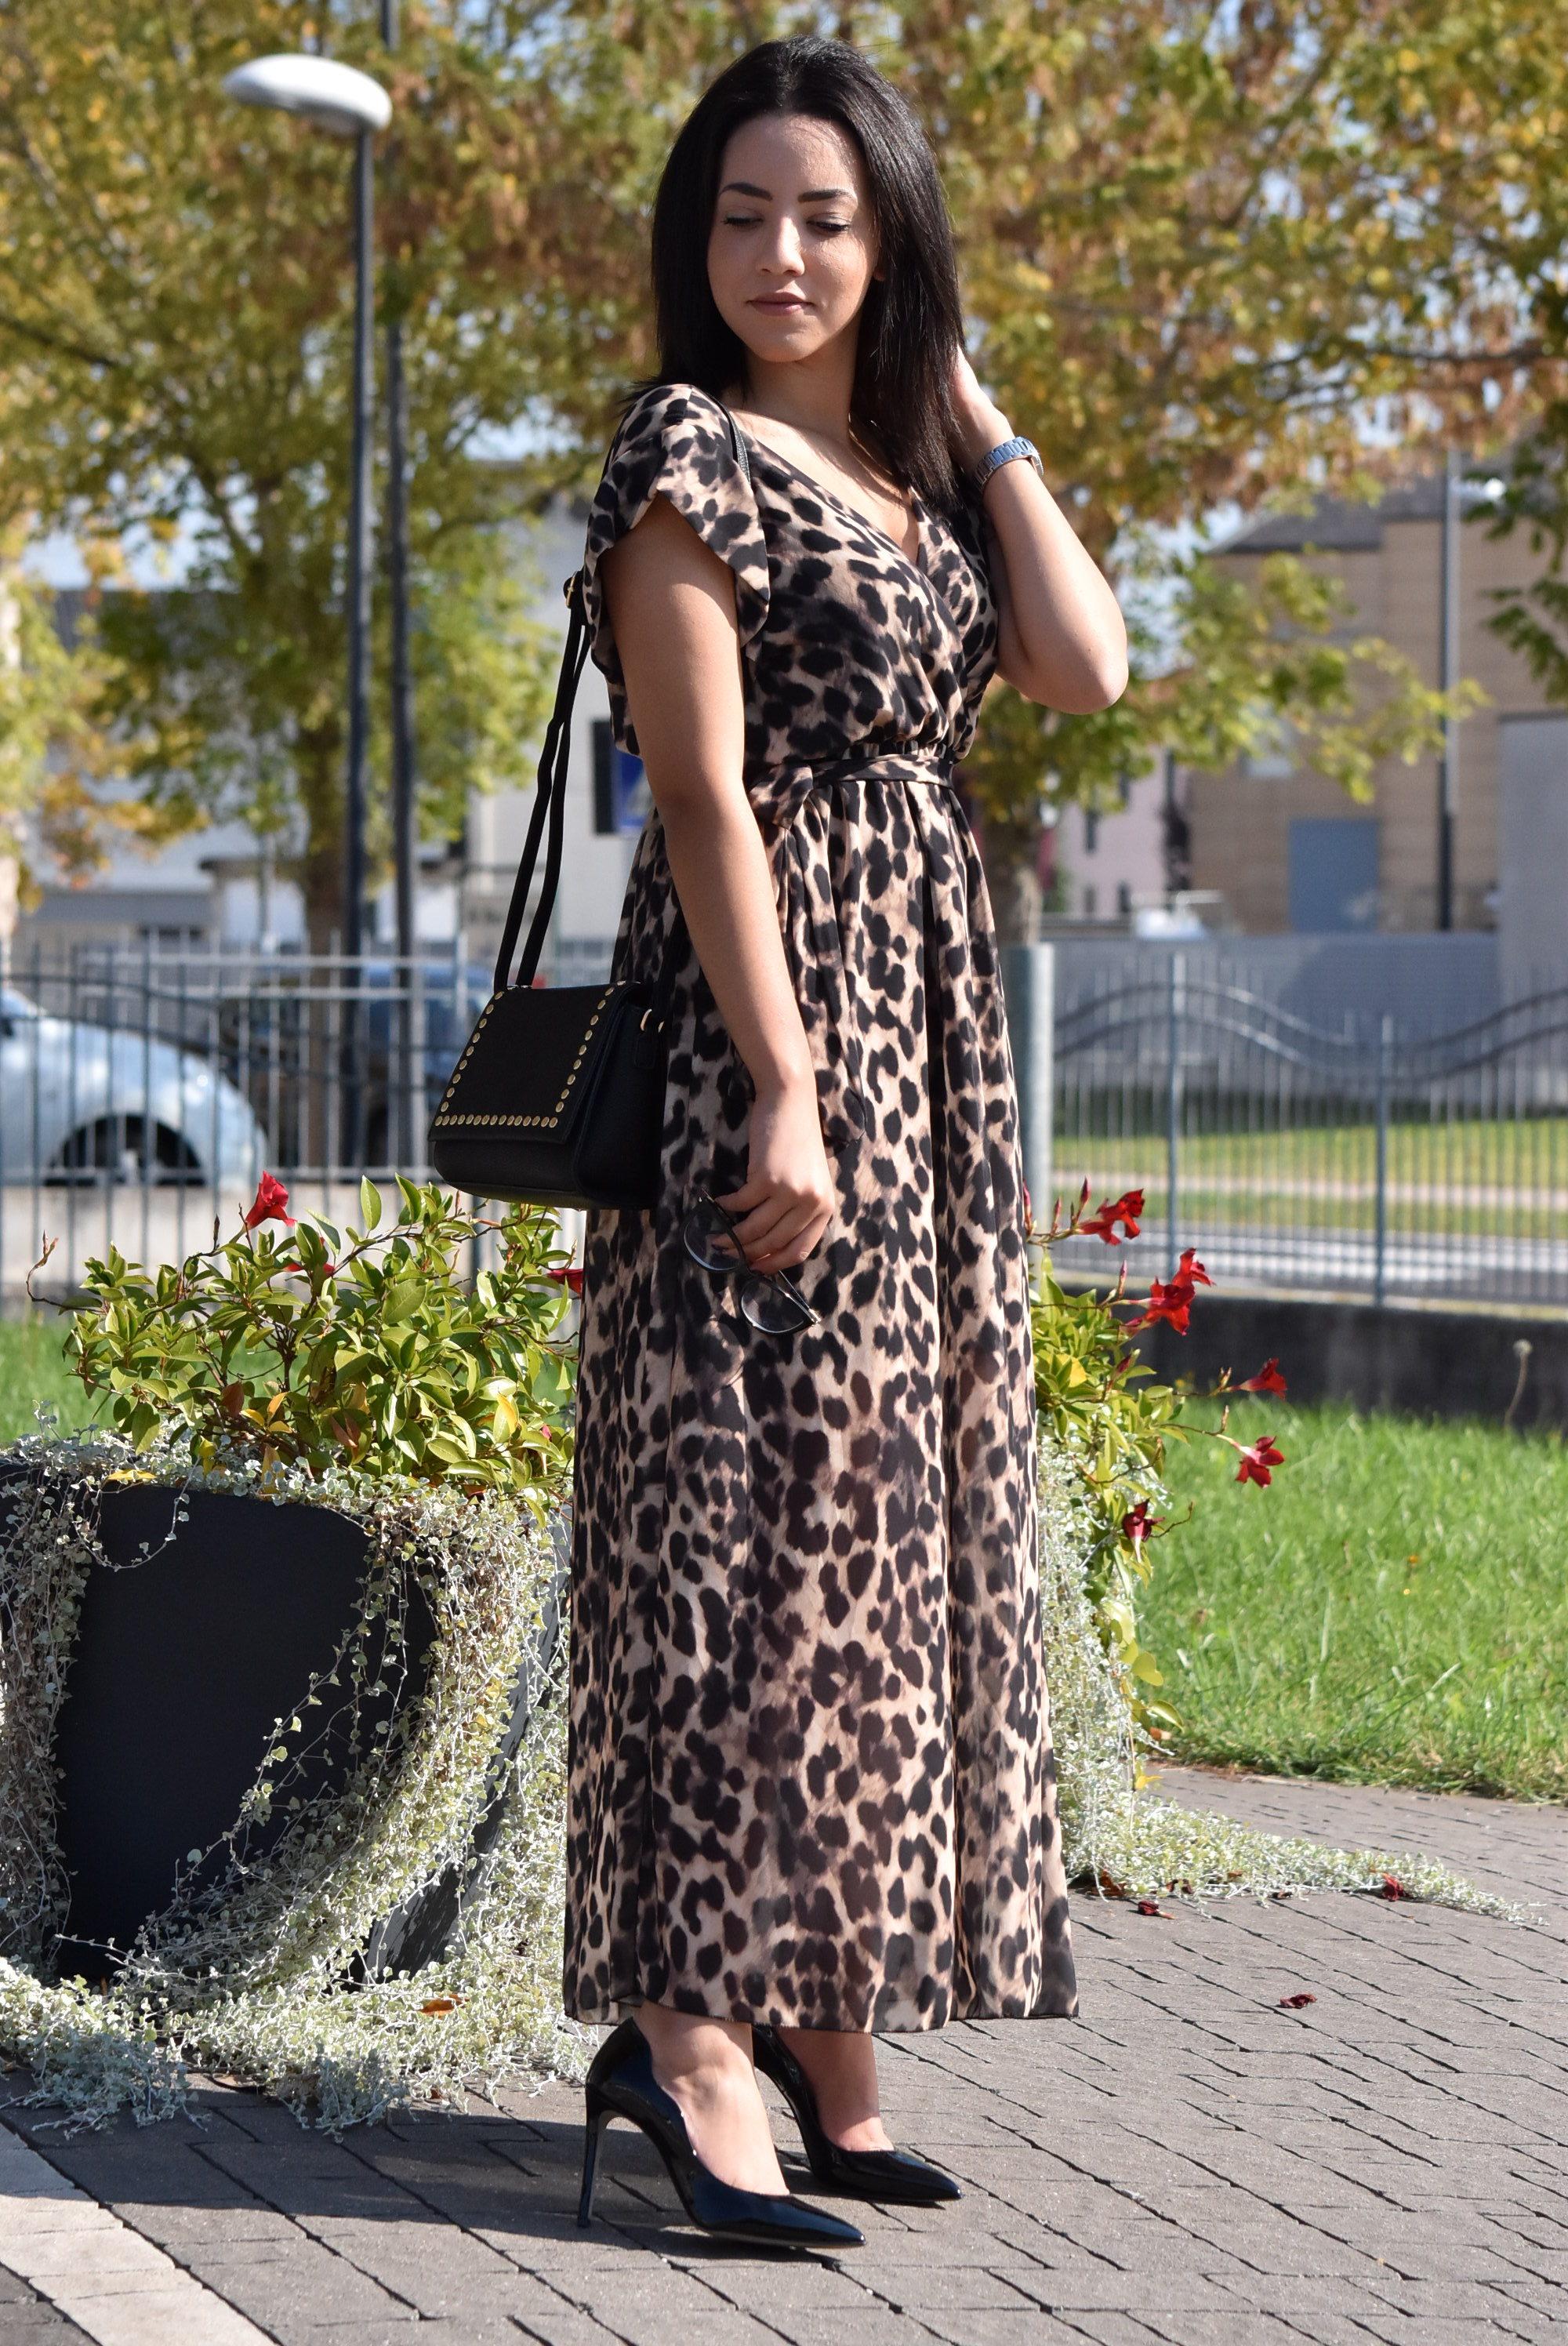 Abito lungo maculato animalier decollete Divine Follie Vernice Nera shoesmyfriends Outfit Collezione autunno inverno 2018 19